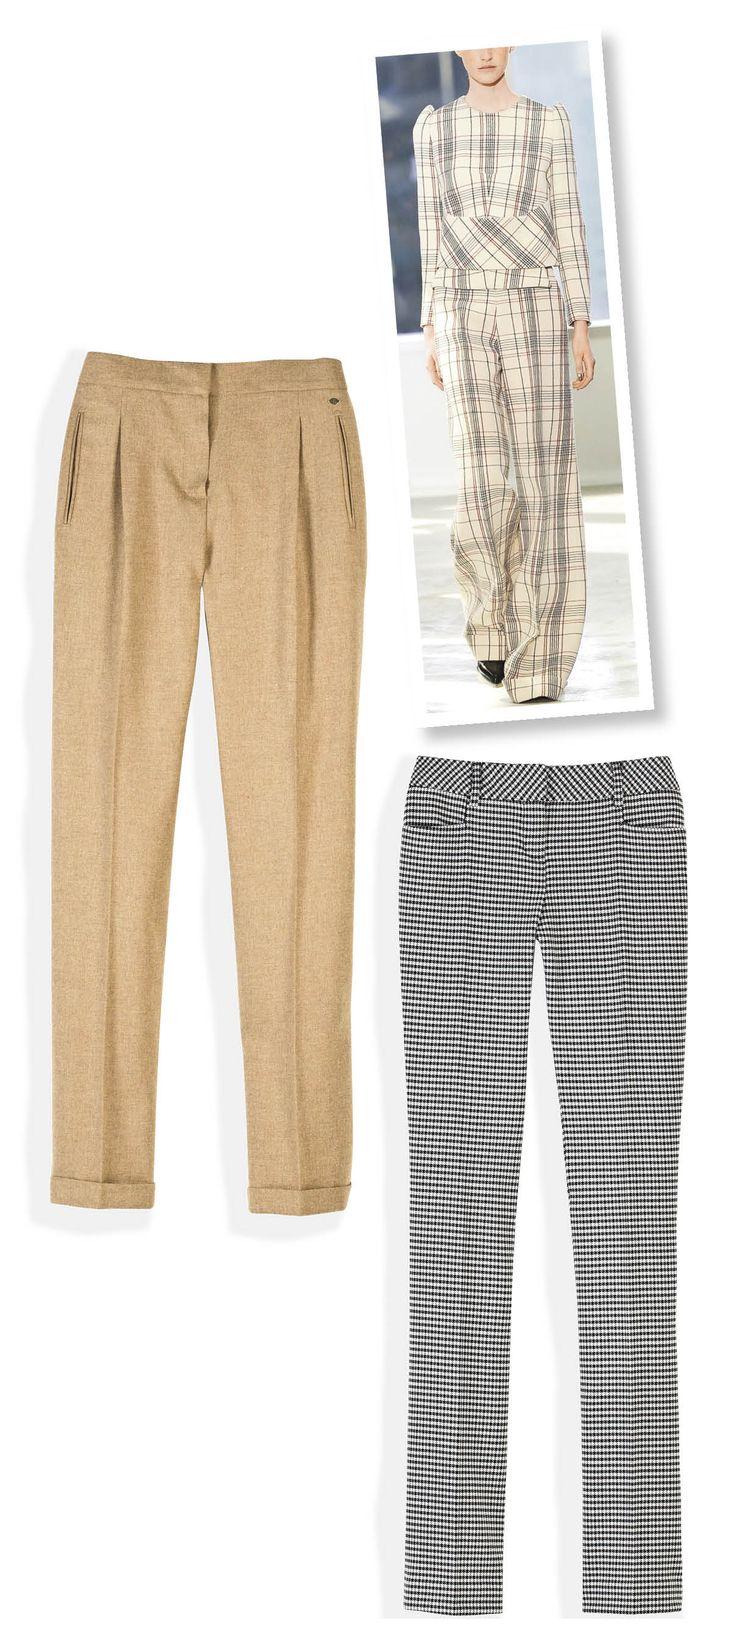 Los pantalones de vestir tipo troursers son básicos para dar ese aire formal. ¿Te atreves a combinarlo con un top del mismo estampado? #TheLook #Fashion